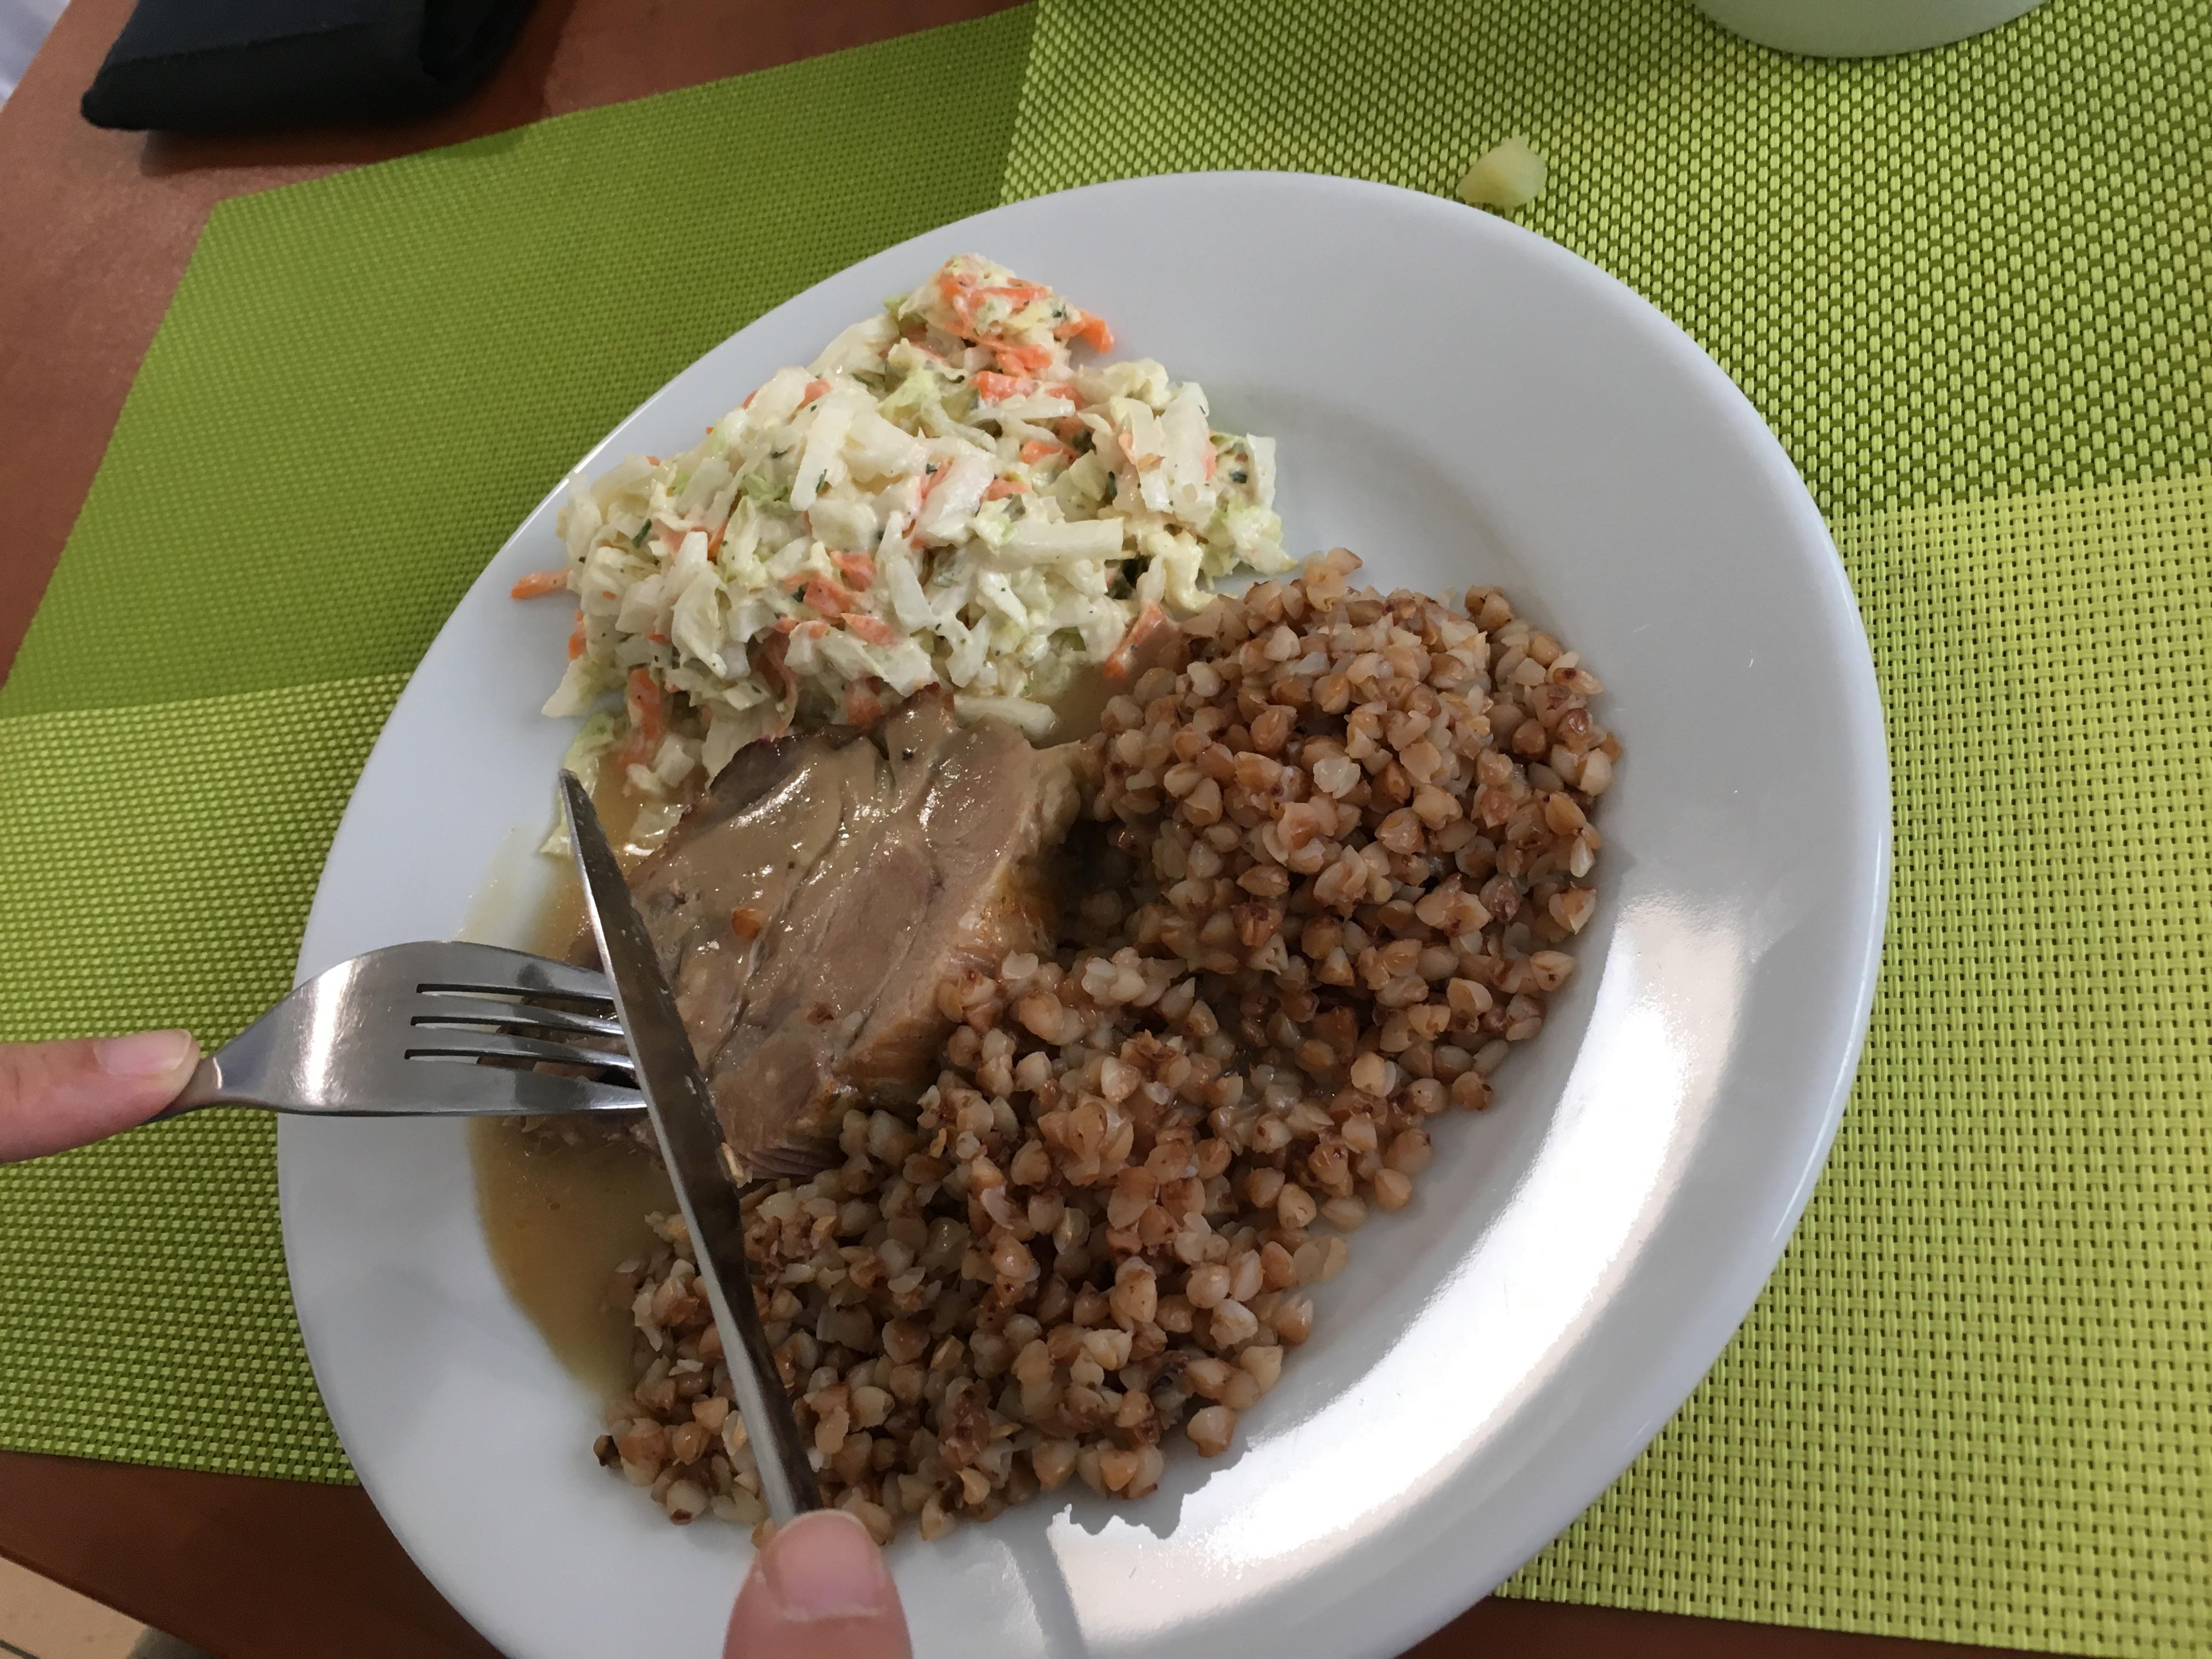 Smacznie i zdrowo – zdjęcie przedstawia biały talerz stojący na zielonej podstawce, a na nim kasza, porcja mięsa i surówki.